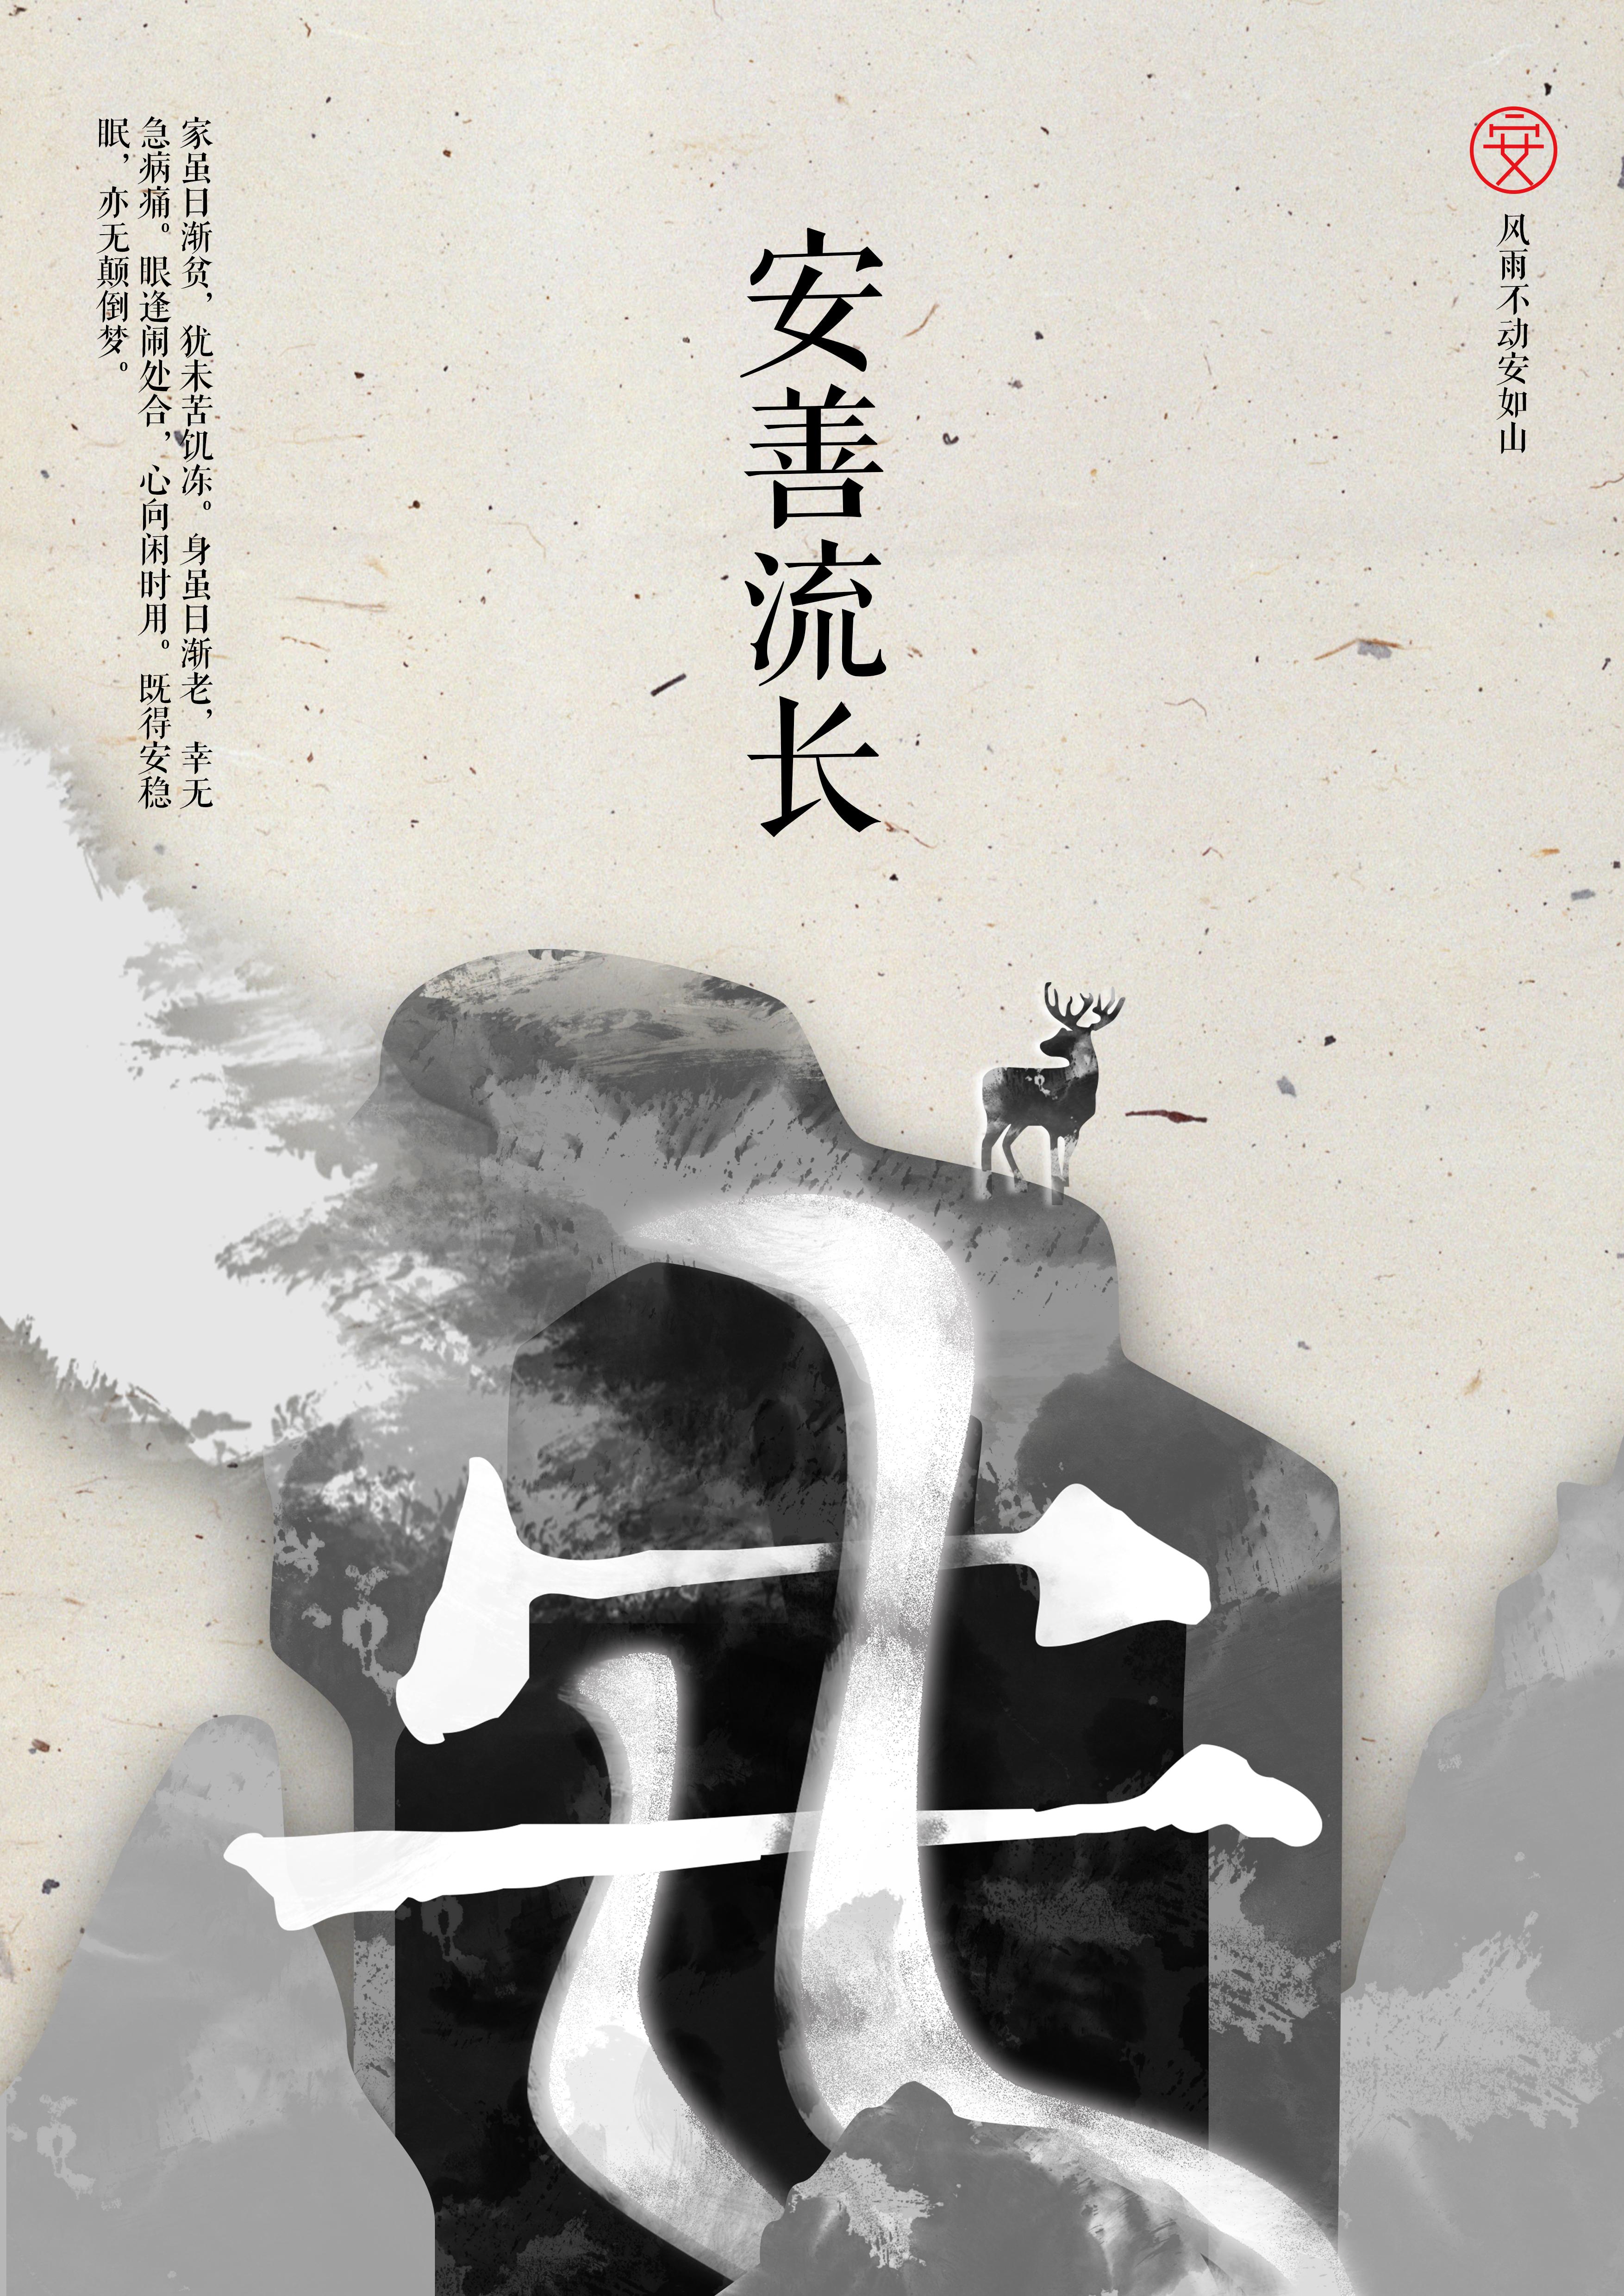 中国文化源远流长图片